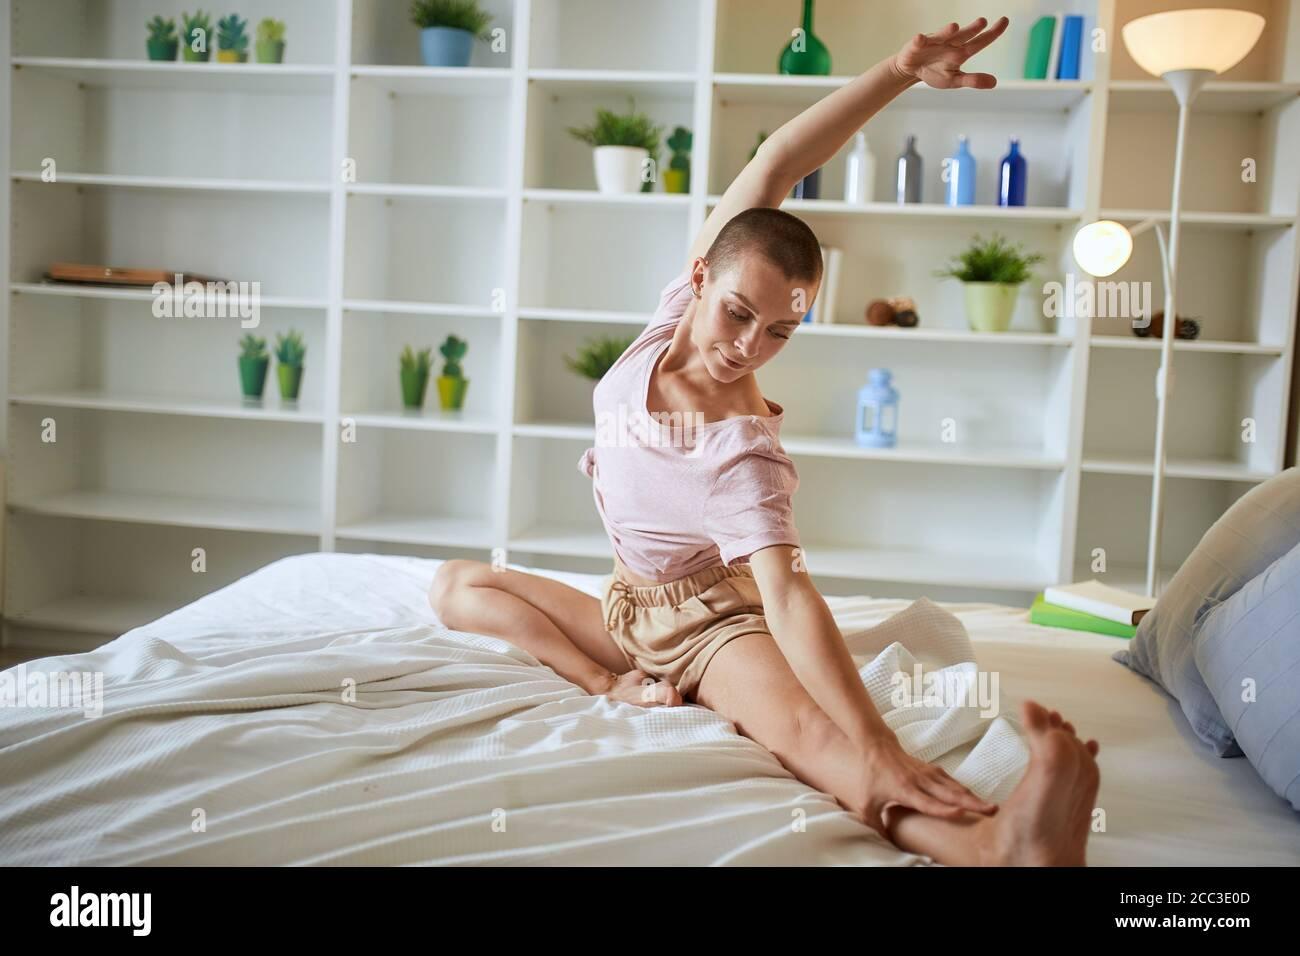 Encantador y smilng mujer fitness en pijama haciendo ejercicios en casa en la cama. Concepto de estilo de vida saludable Foto de stock